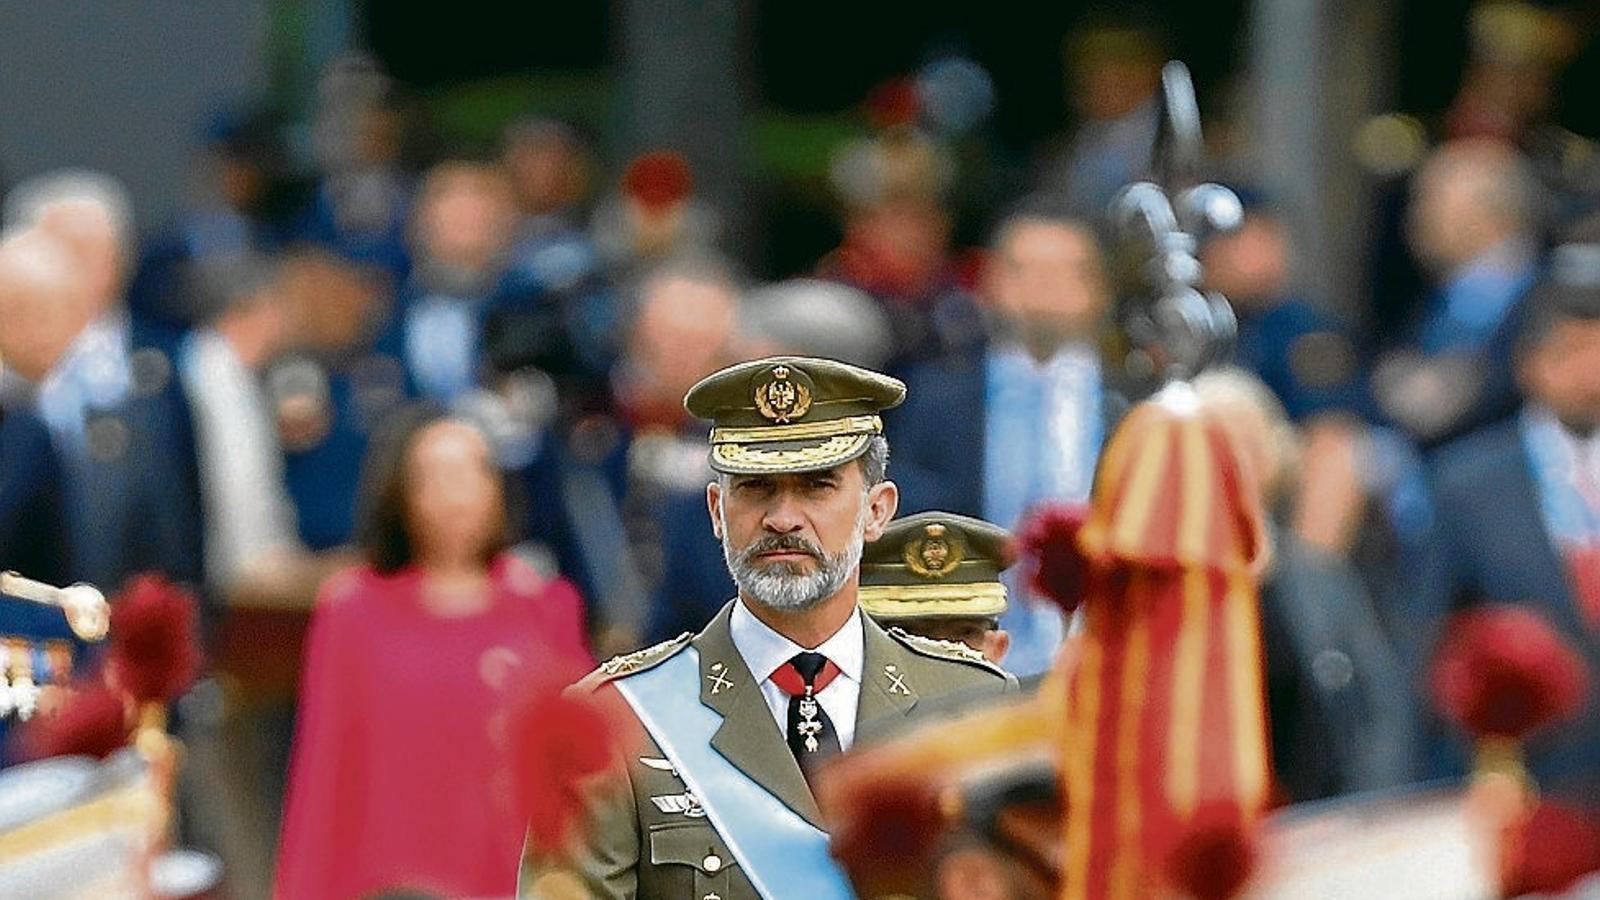 Déu meu, què és Espanya?